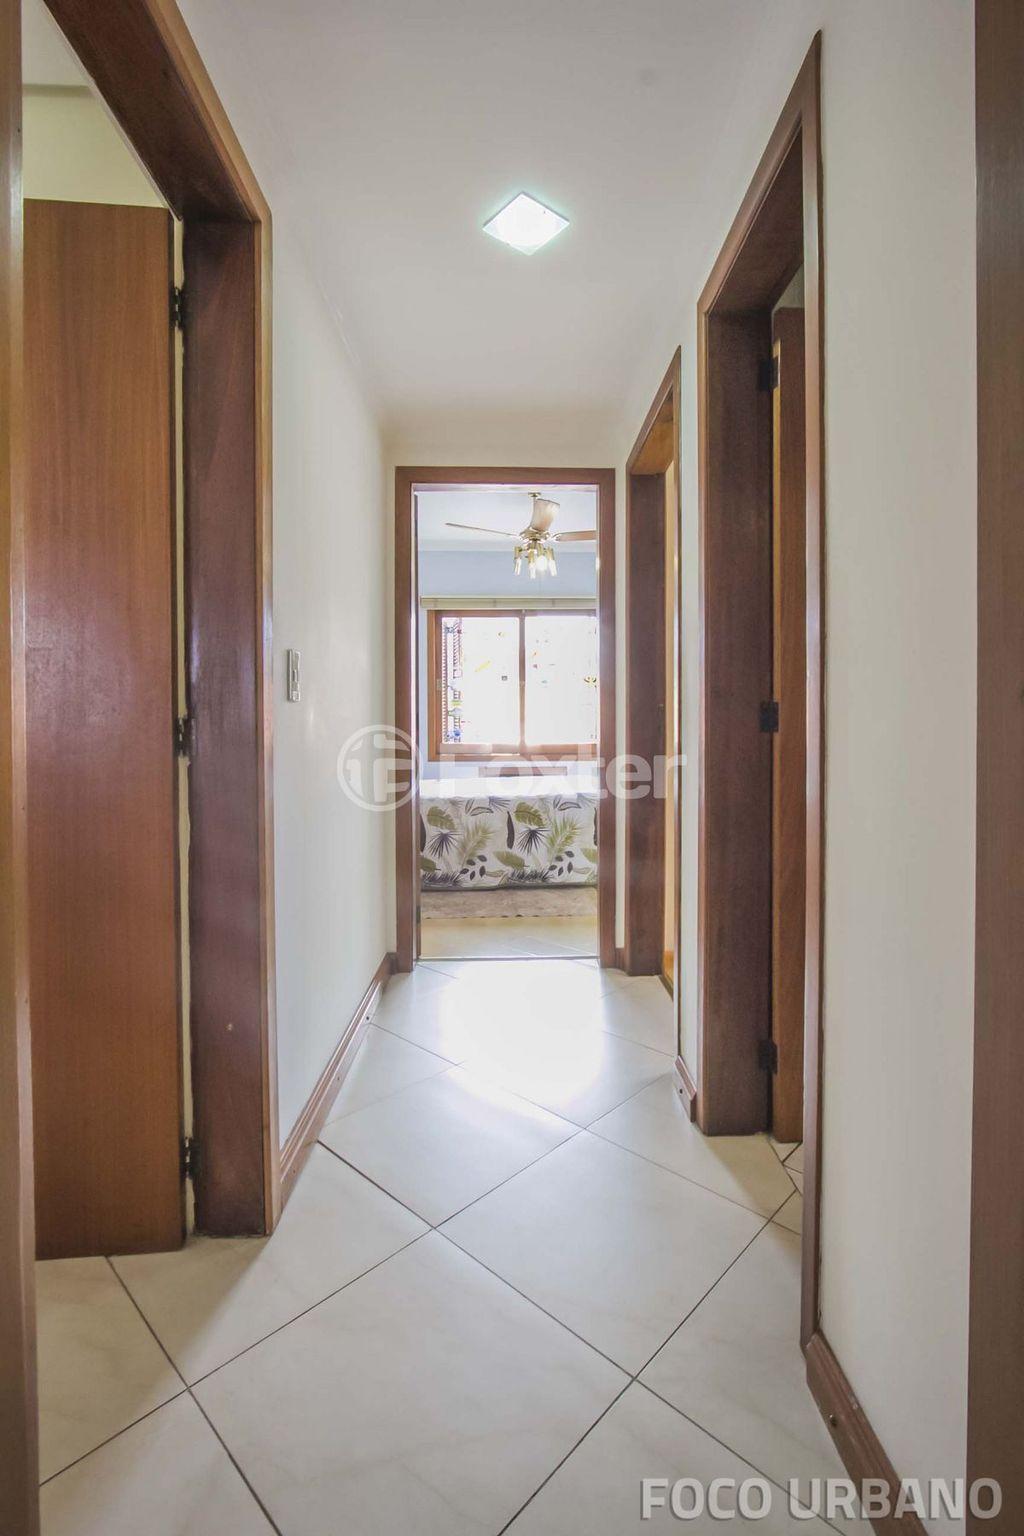 Foxter Imobiliária - Cobertura 3 Dorm (131617) - Foto 11